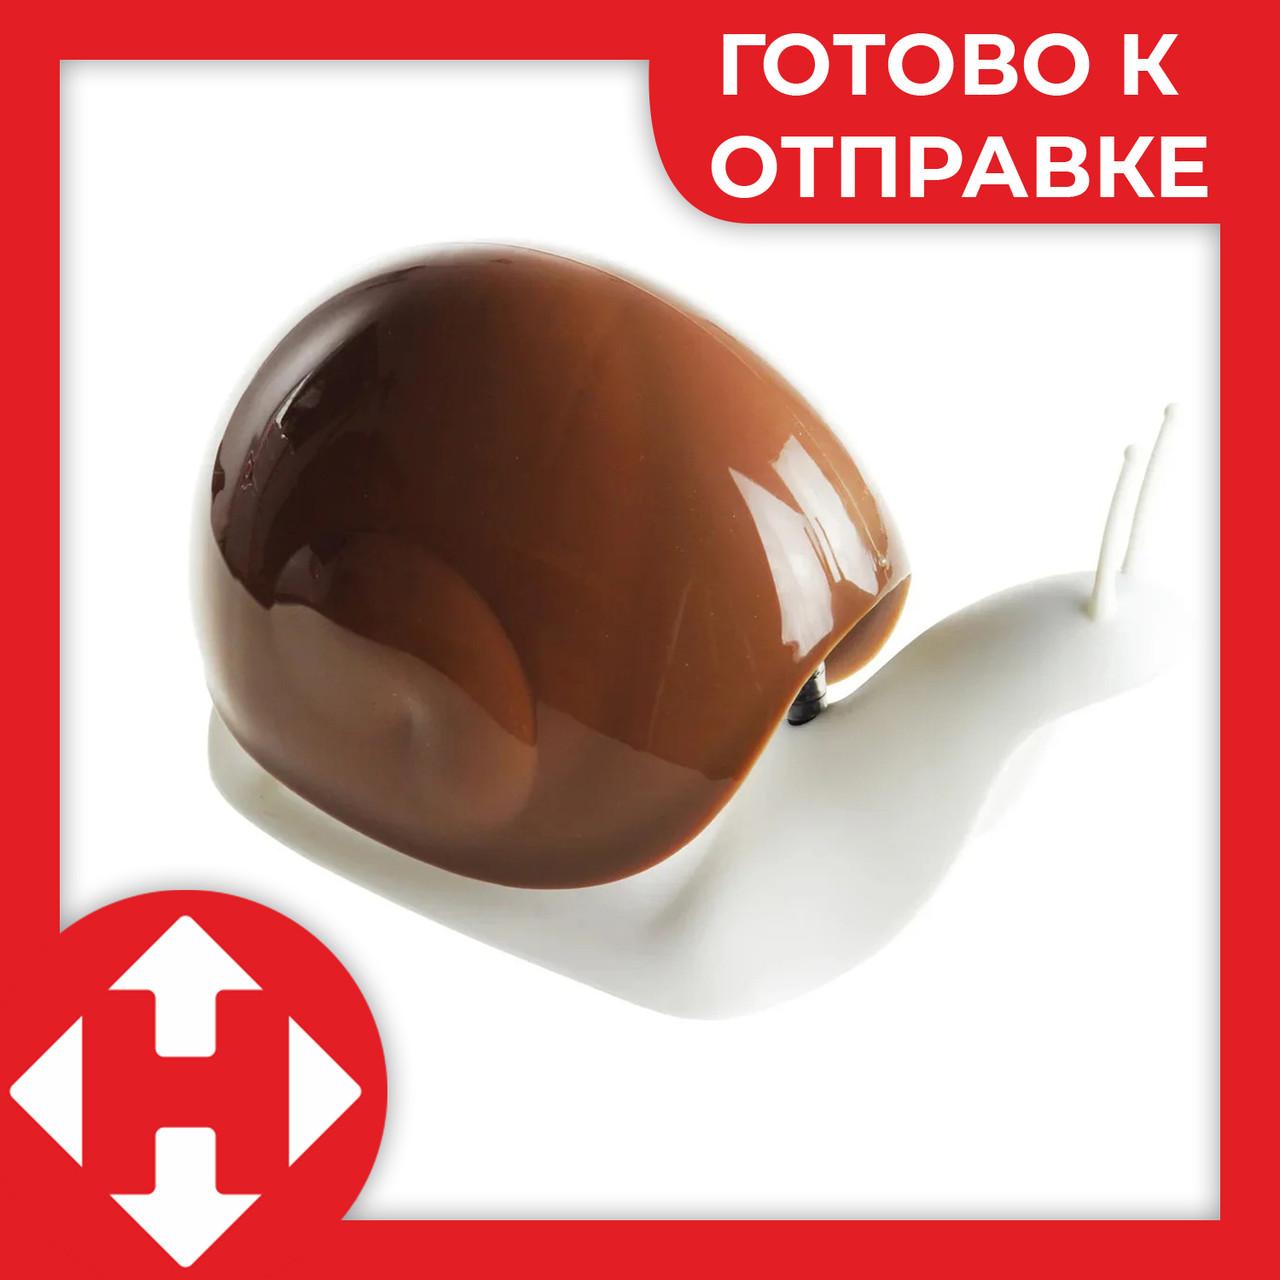 Распродажа! Диспенсер для жидкого мыла улитка Snail мыльница кофейная - дозатор для мыла настольный